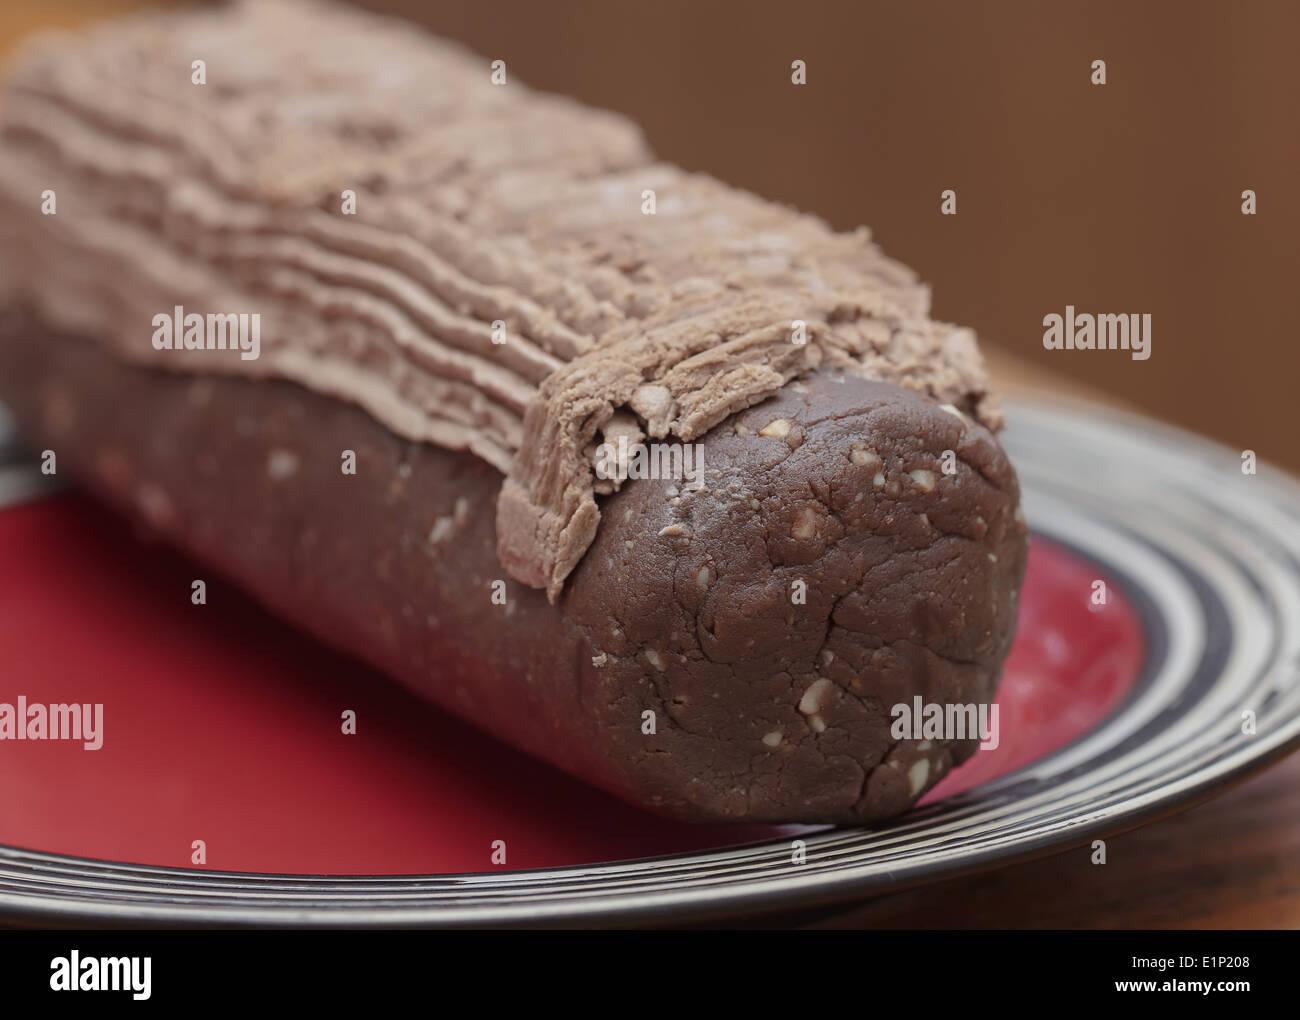 Journal dessert au chocolat prêt-à-manger sur la plaque rouge Photo Stock